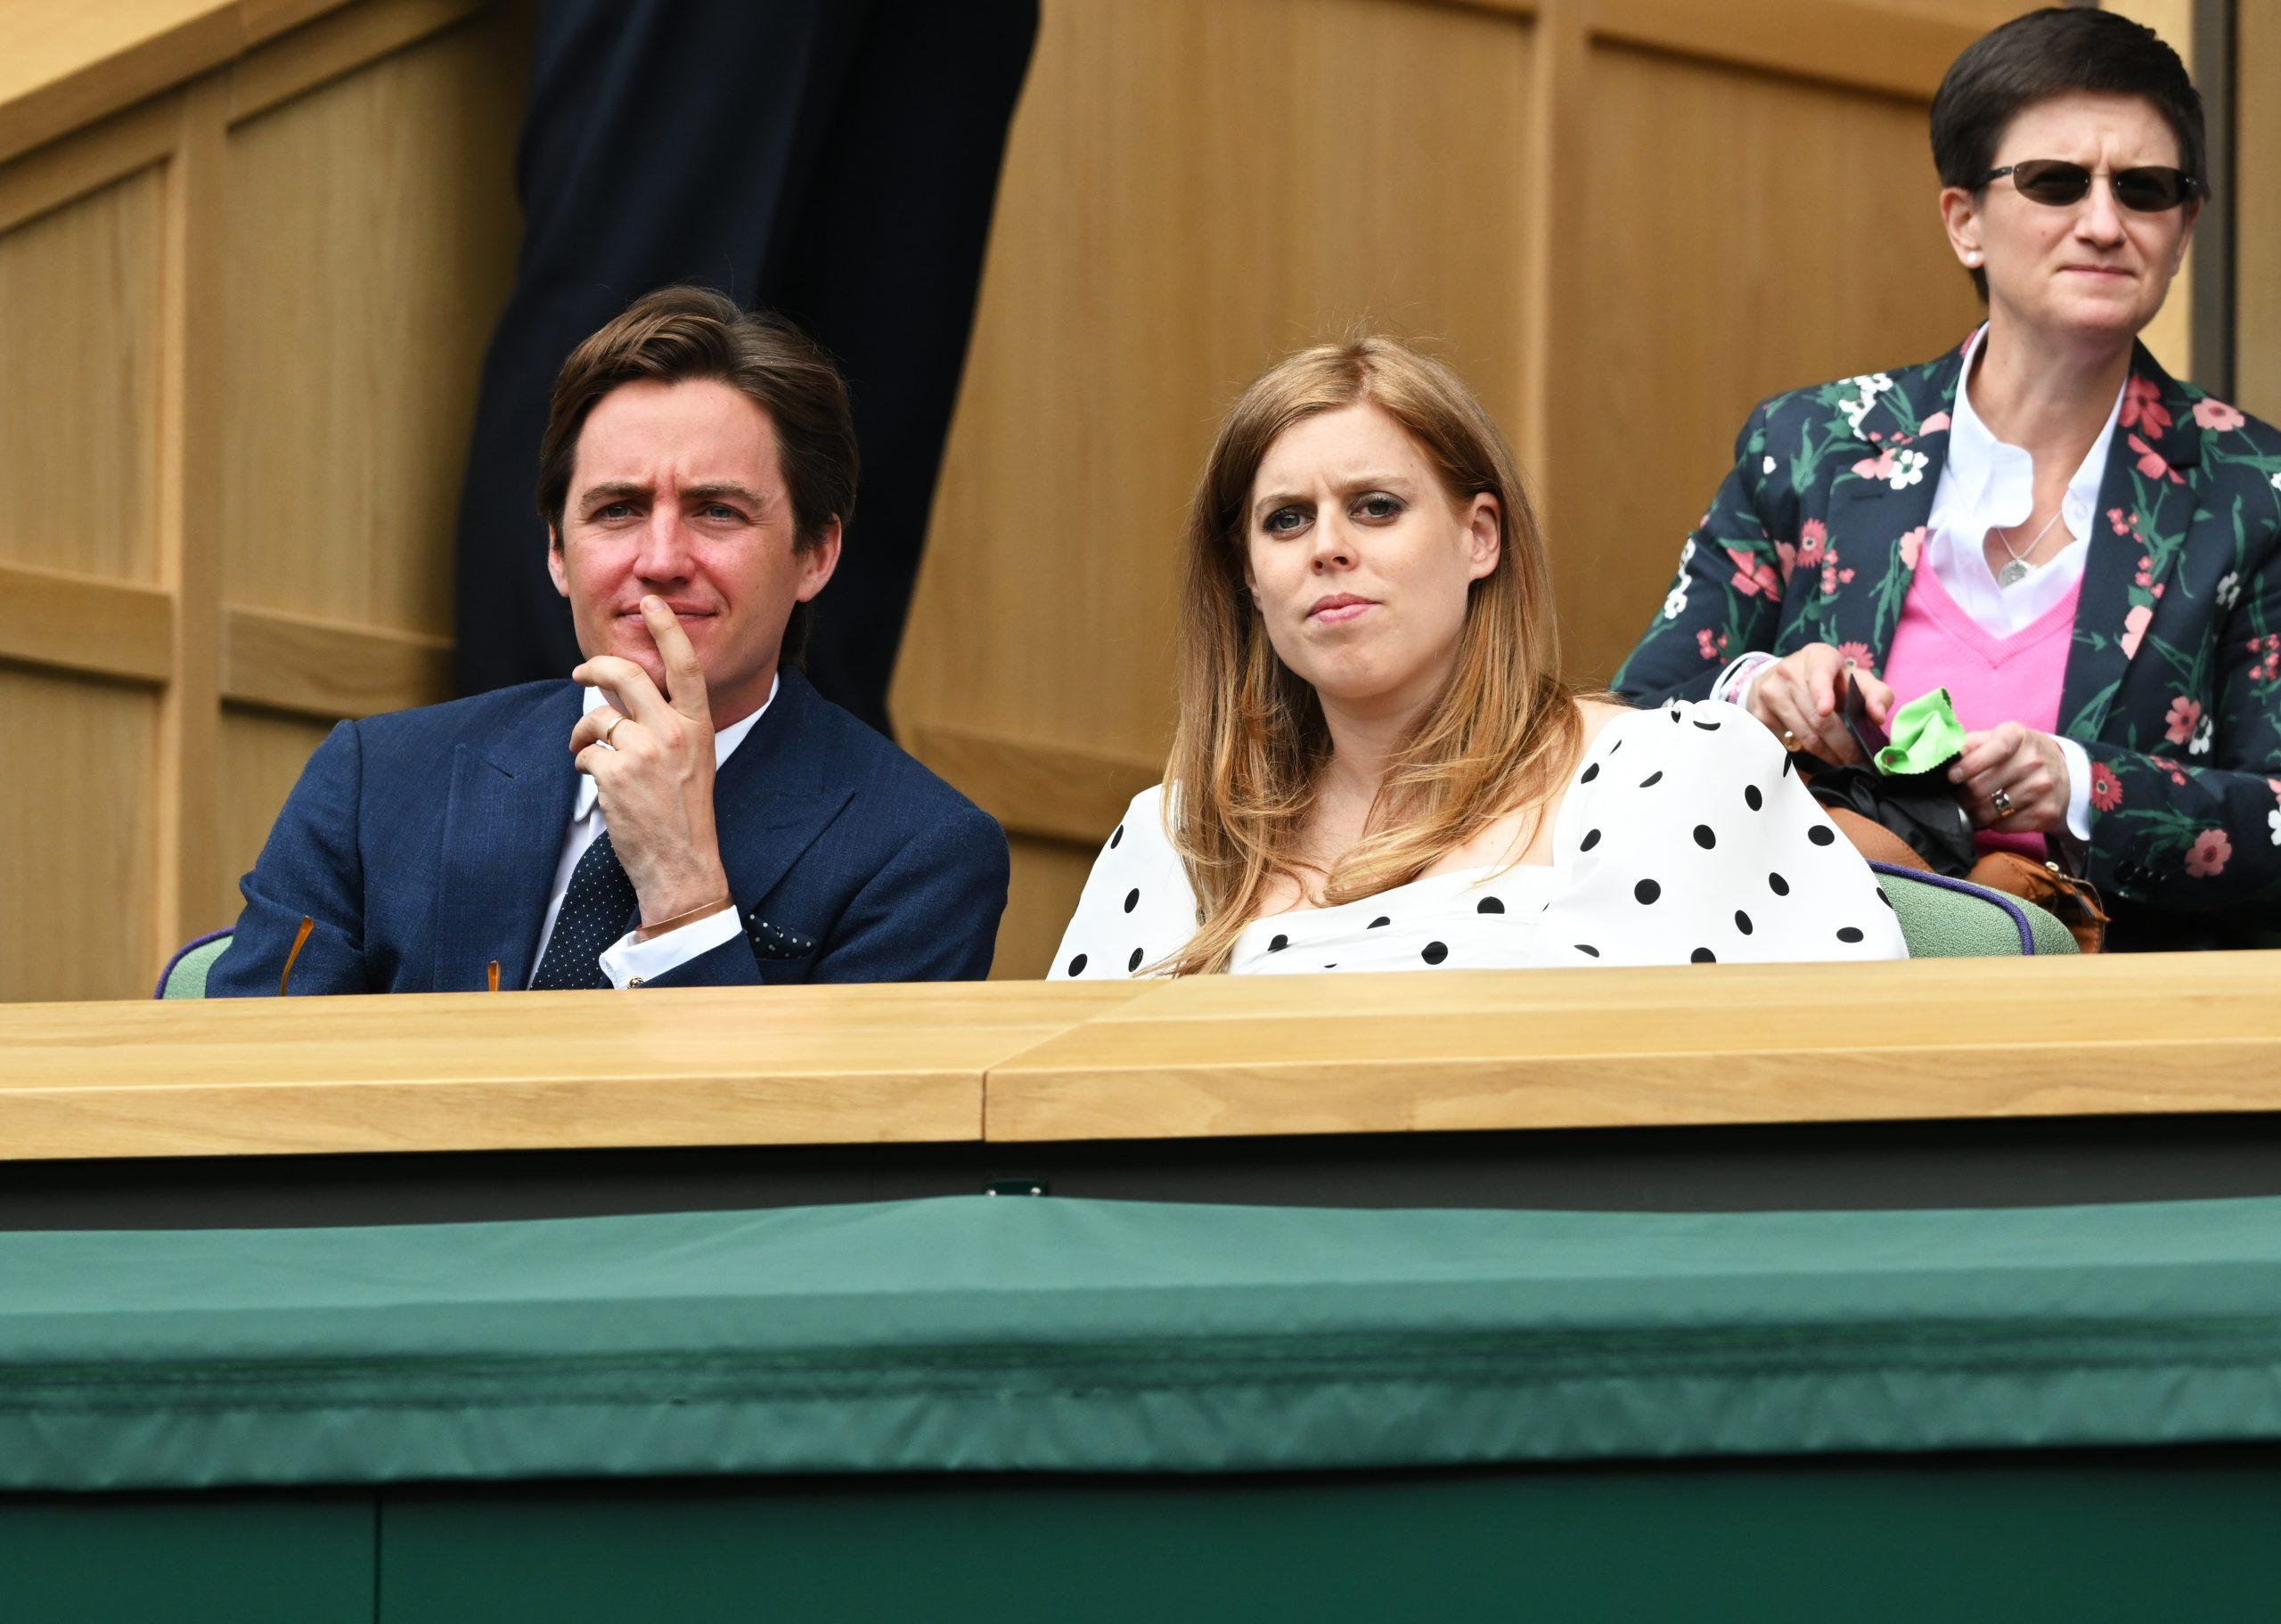 Edoardo et Beatrice assis dans la loge royale à Wimbledon 2021.